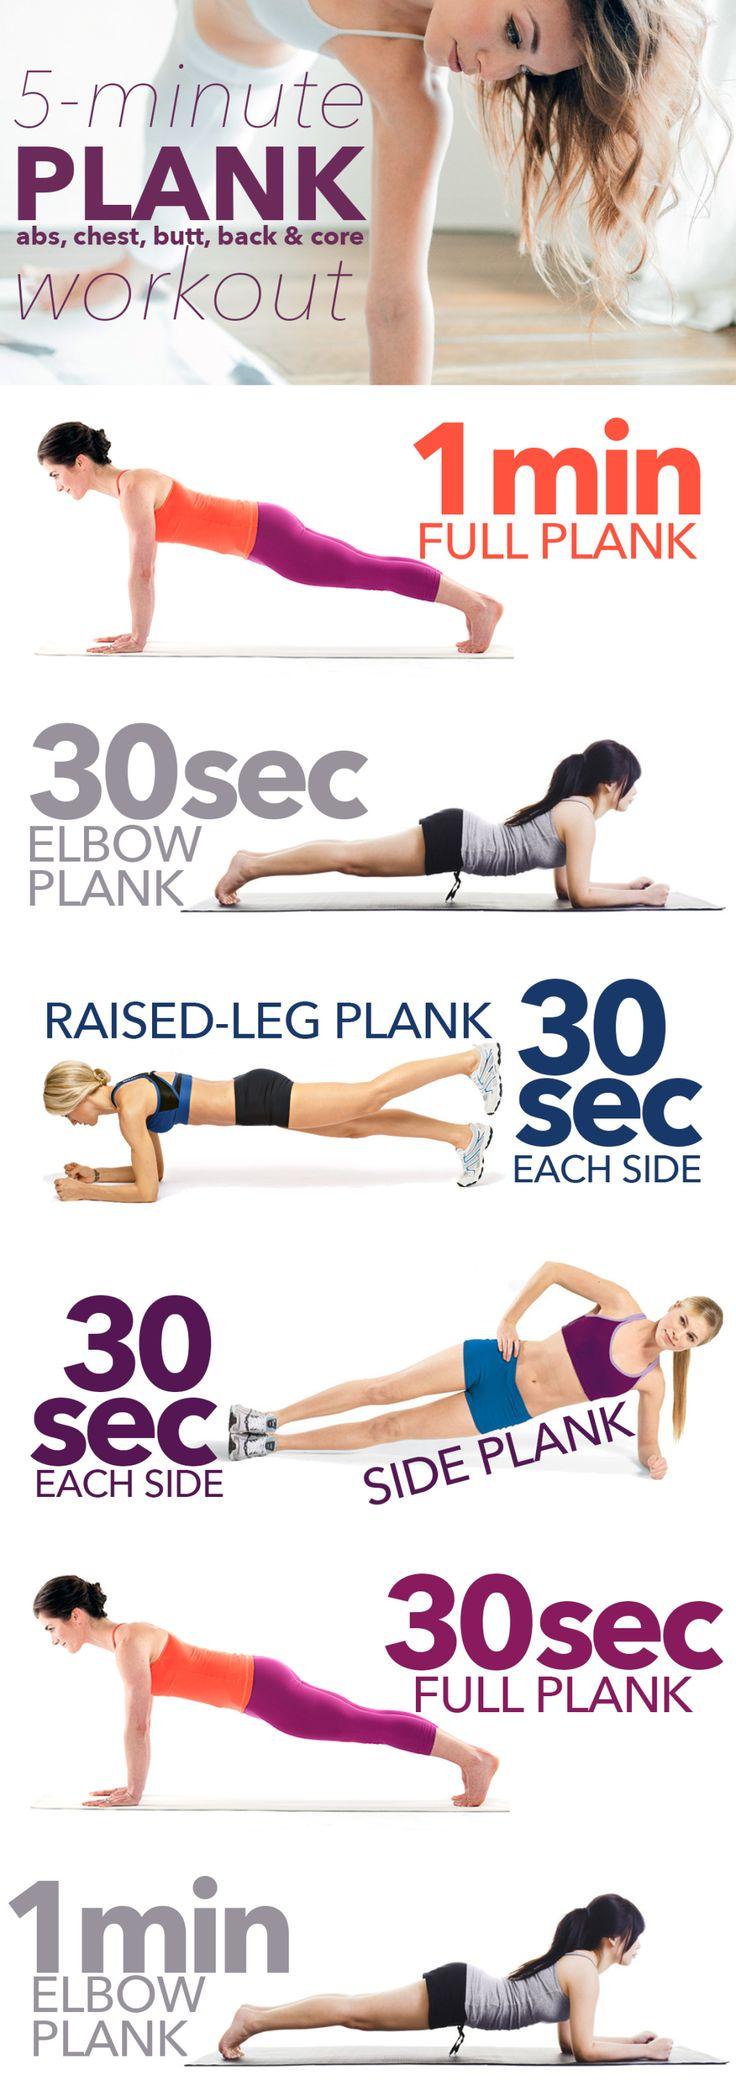 SOURCE EATFITFUEL.COM.........La PLANCHE est certainement l'exercice de gainage le plus connu. Incontournable pour affiner la silhouette et tonifier la zone ventrale, il a l'avantage de faire travailler toute votre sangle abdominale ainsi que les muscles profonds, notamment le transverse, ce qui va permettre d'améliorer automatiquement votre posture et de prévenir les maux de dos.............